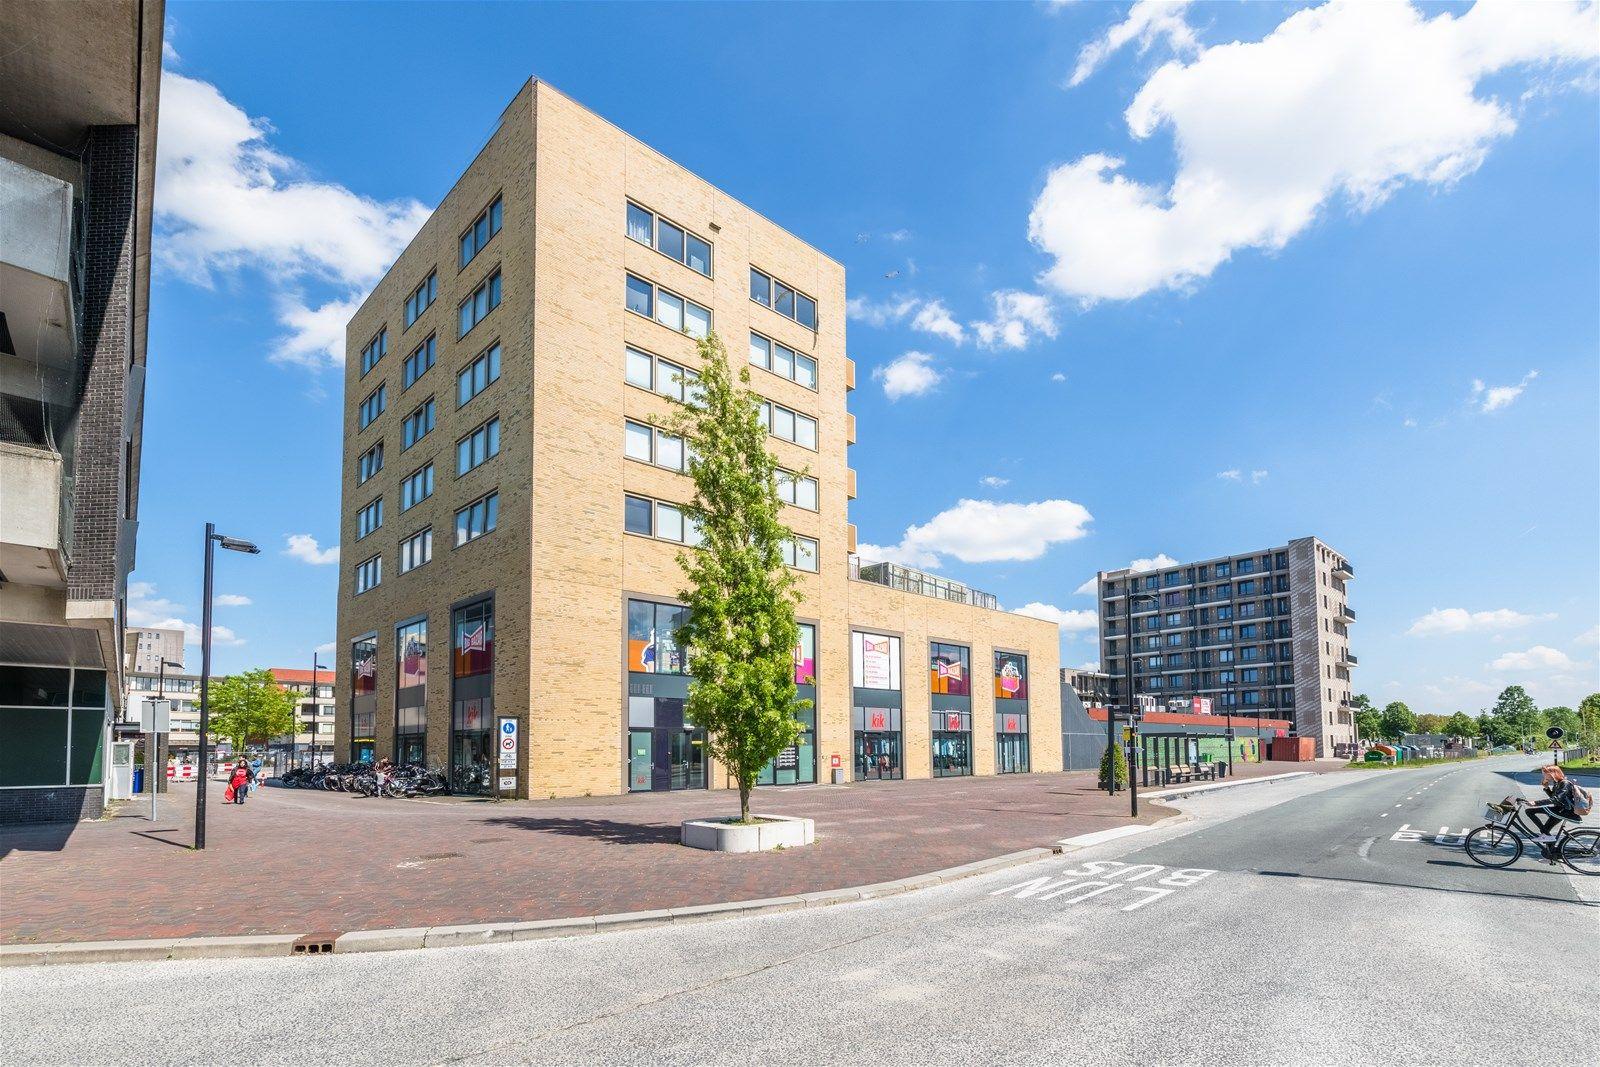 Poolcirkelstraat 22, Almere